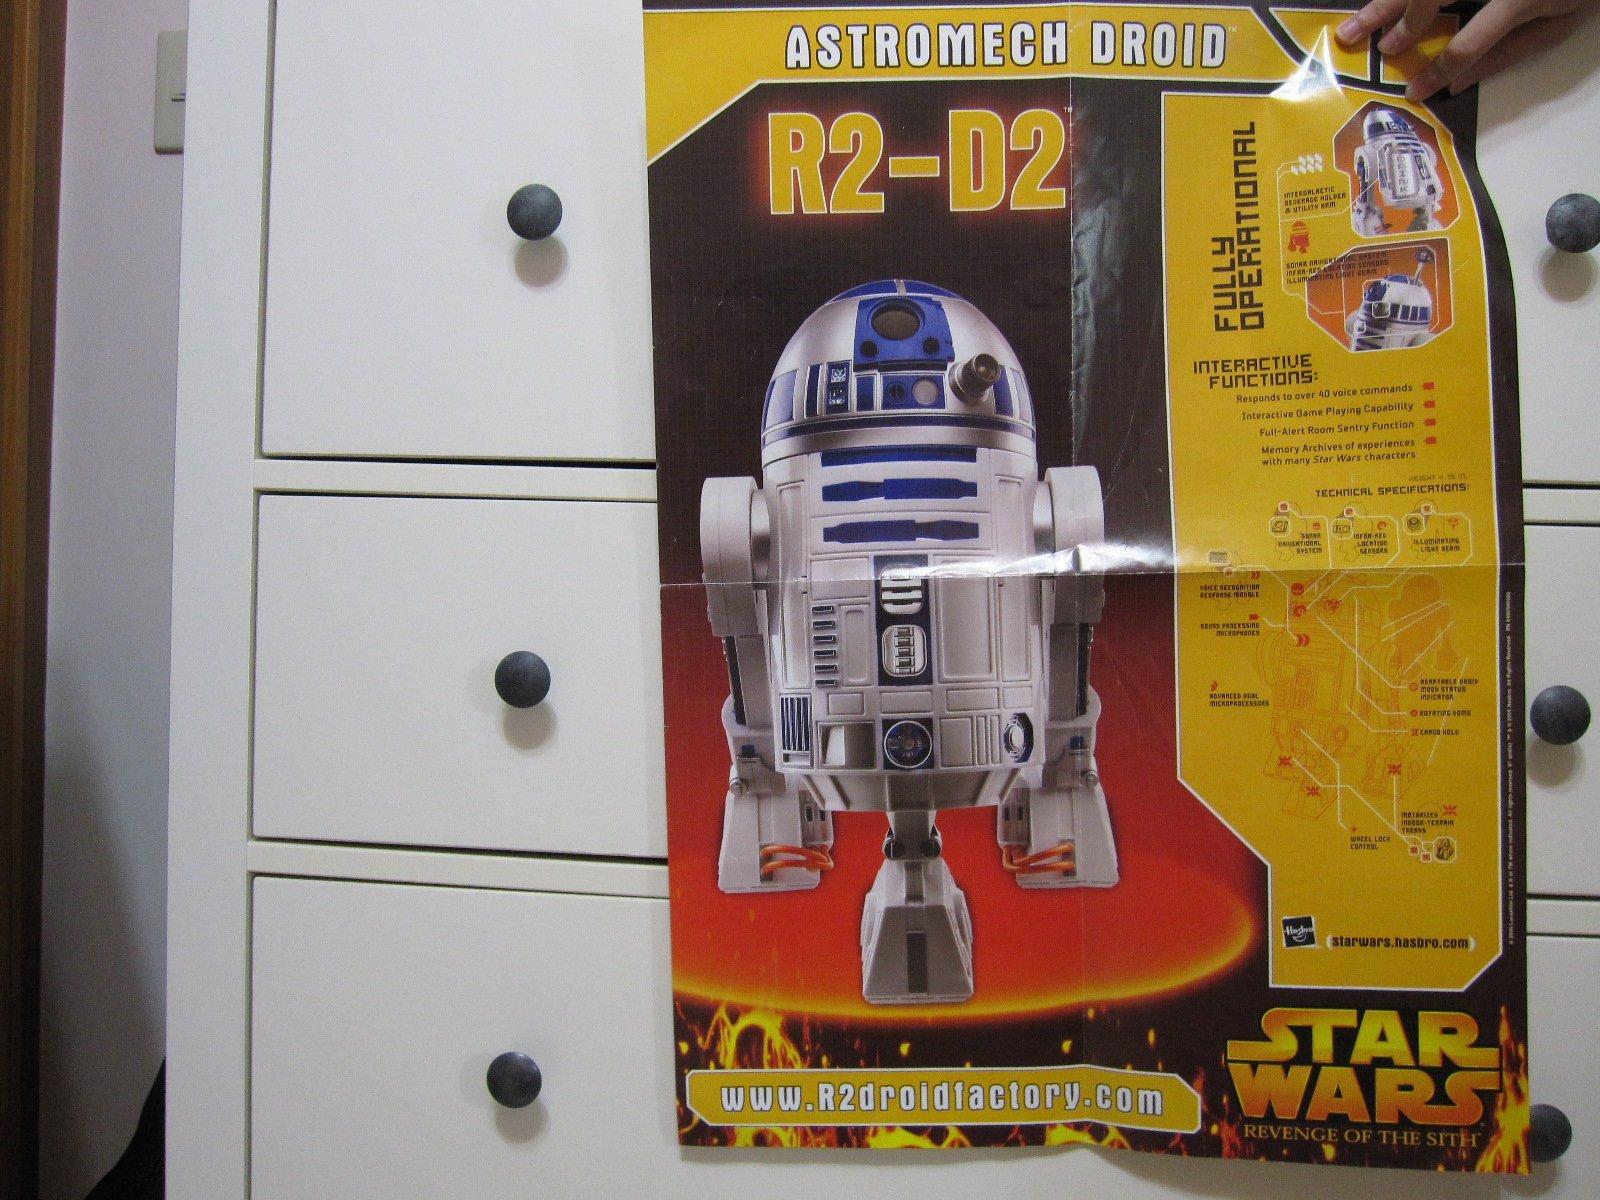 舊海報(放久了)星際大戰STAR WARS R2D2(不是韓索羅C-PO3丘巴卡路克黑武士千年鷹鋼鐵人美國隊長超人)